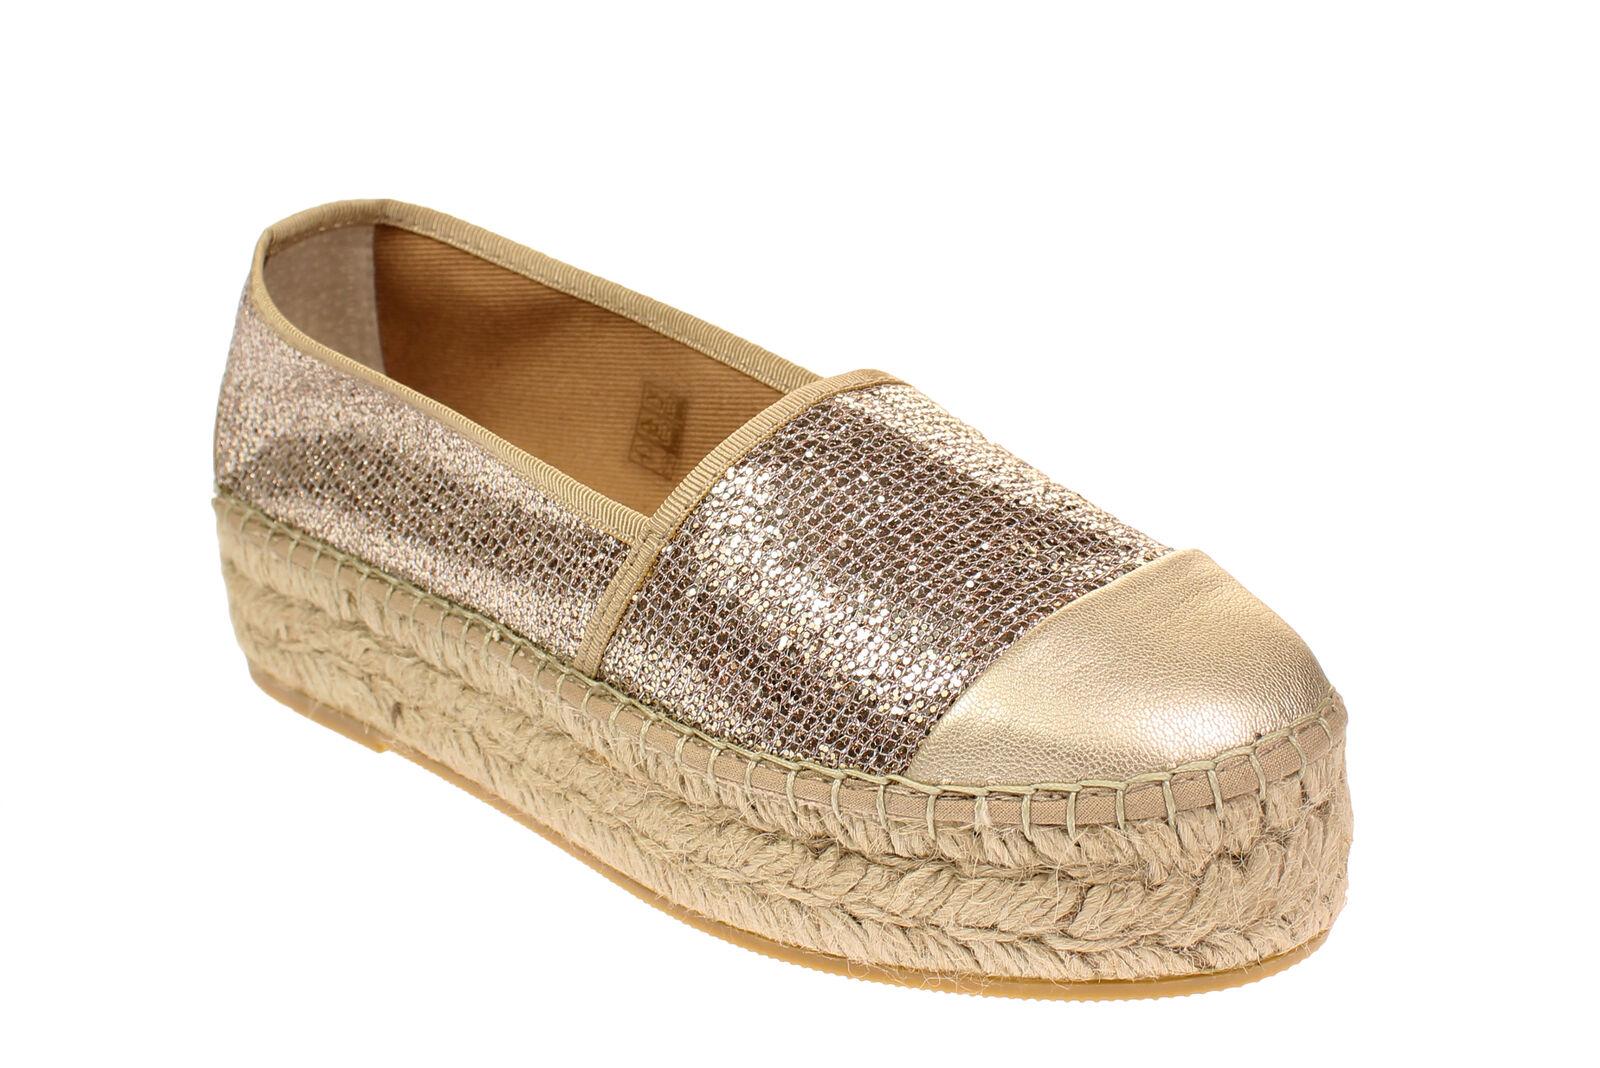 Vidoretta 00200 - Damen Schuhe Espadrilles Freizeitschuhe - Gold